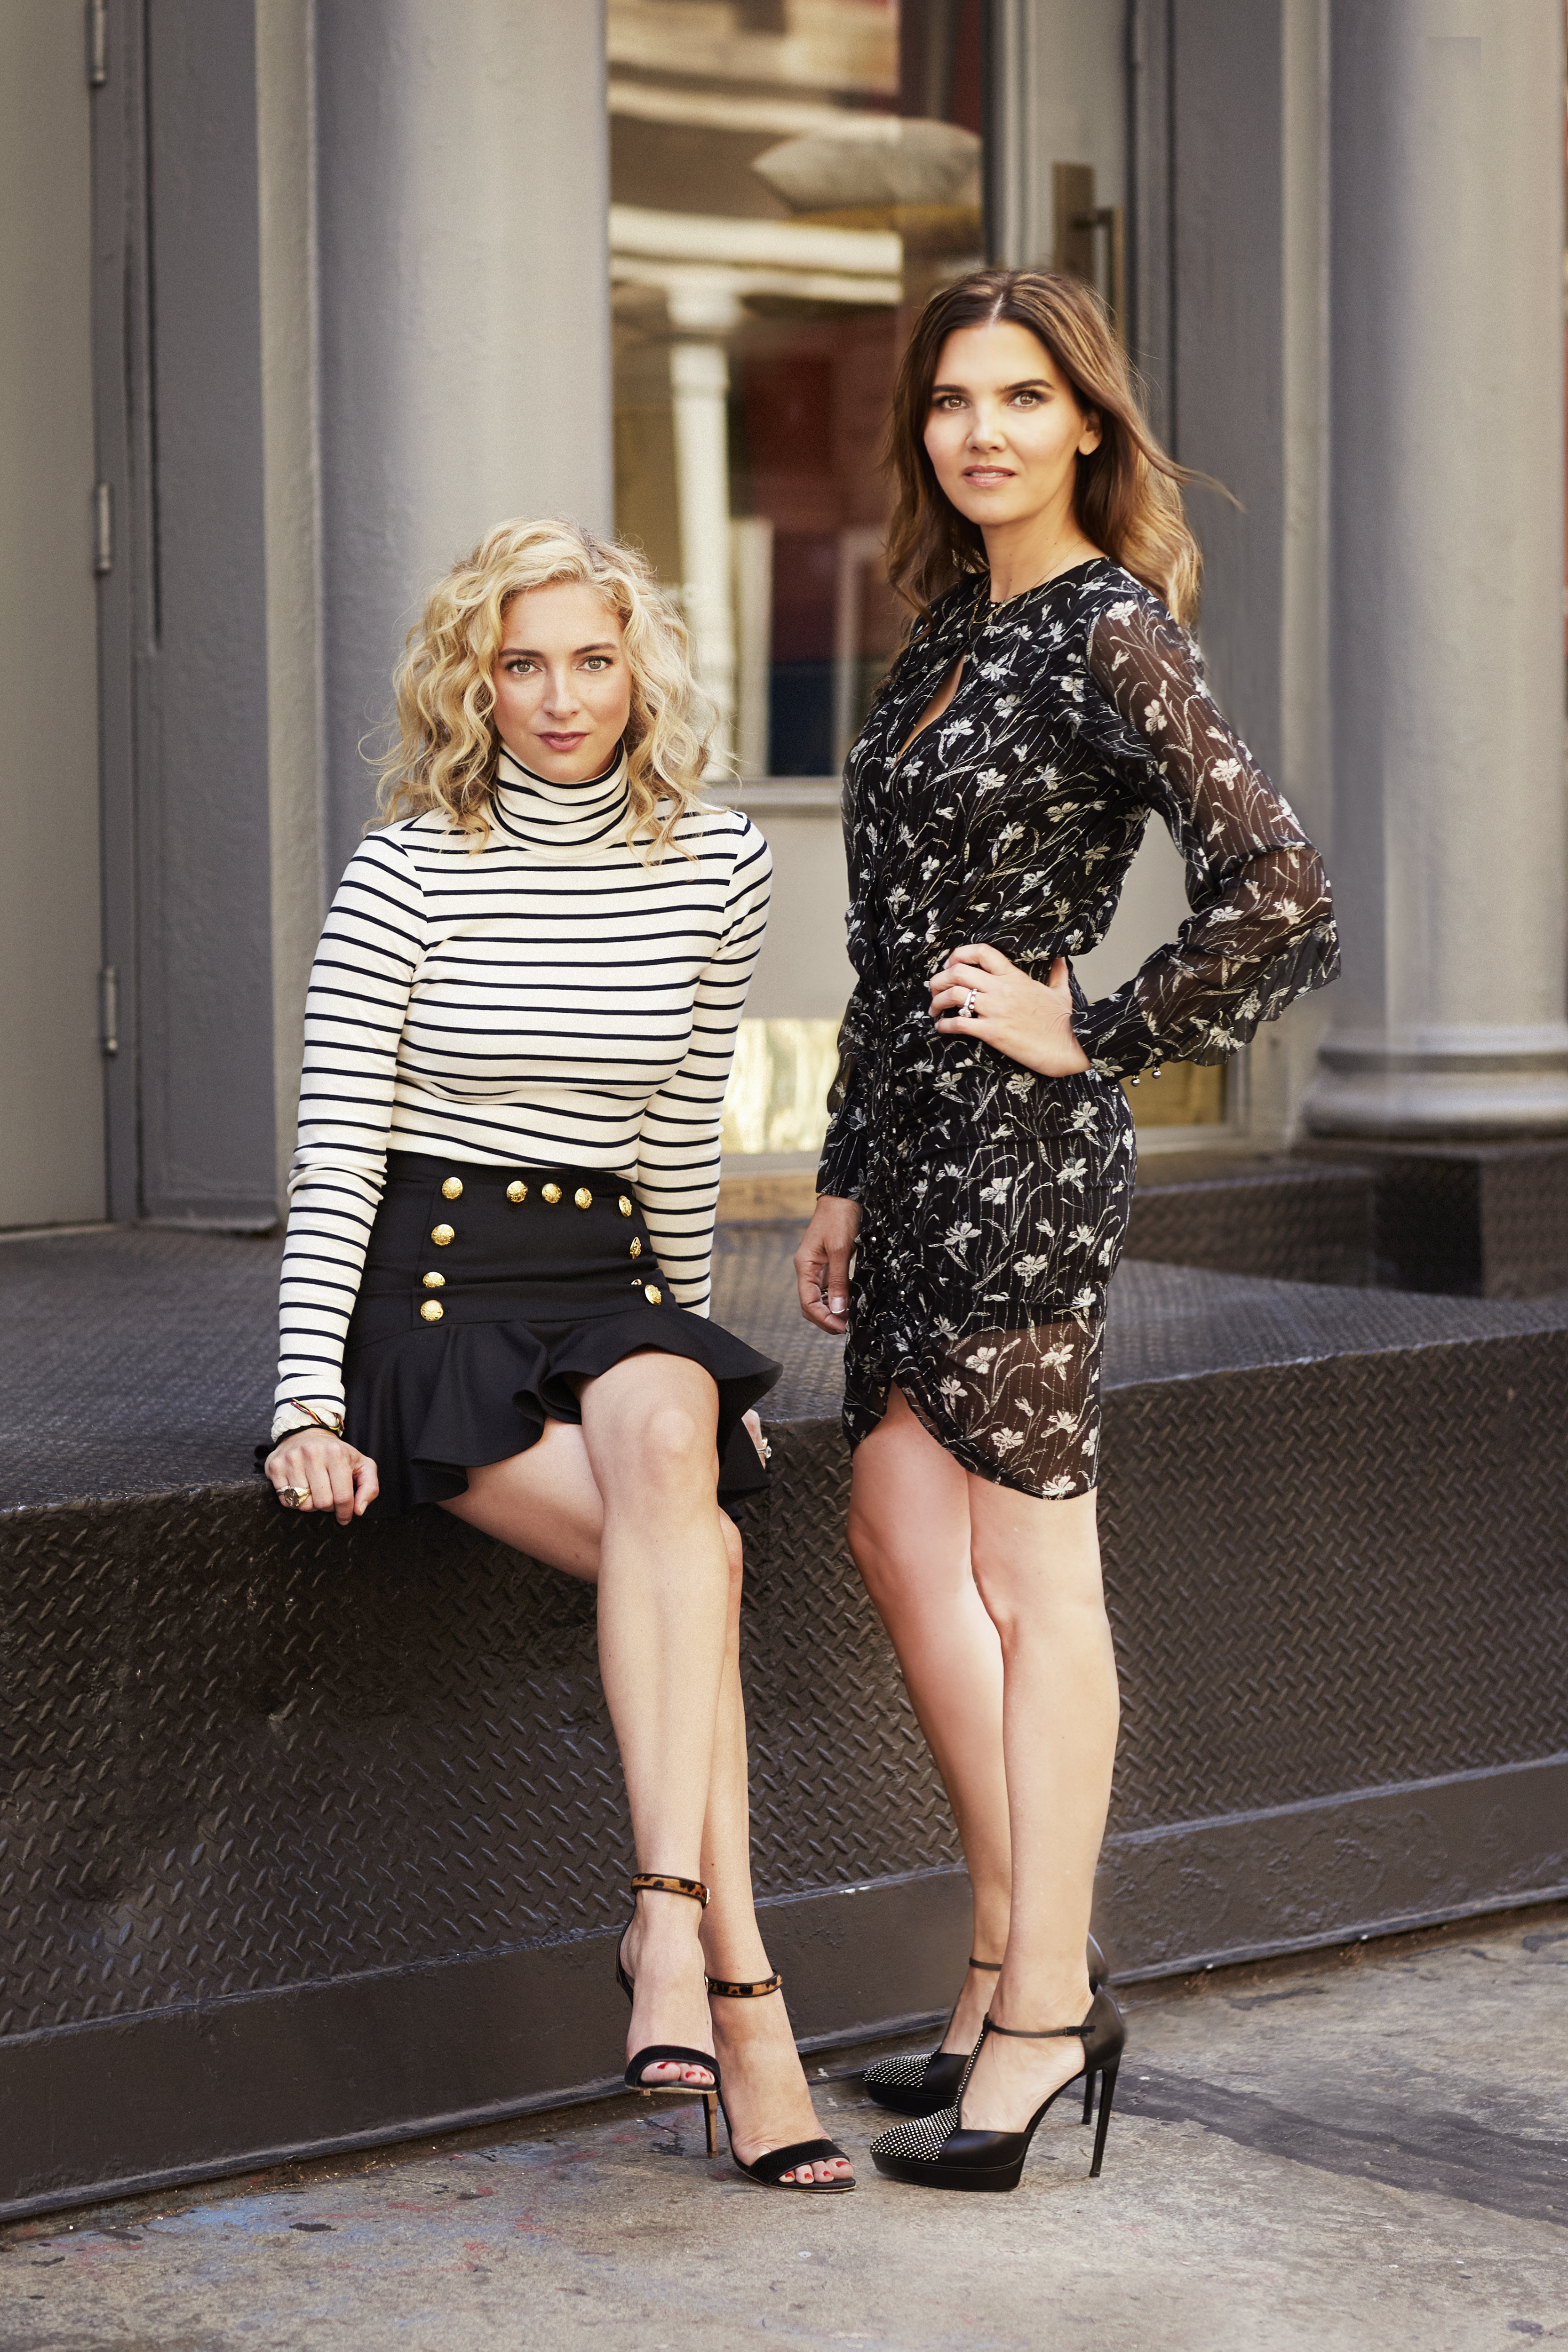 Las cuñadas Veronica Miele Beard y Veronica Swanson Beard crearon la marca en 2010 en el corazón de la ciudad de Nueva York.